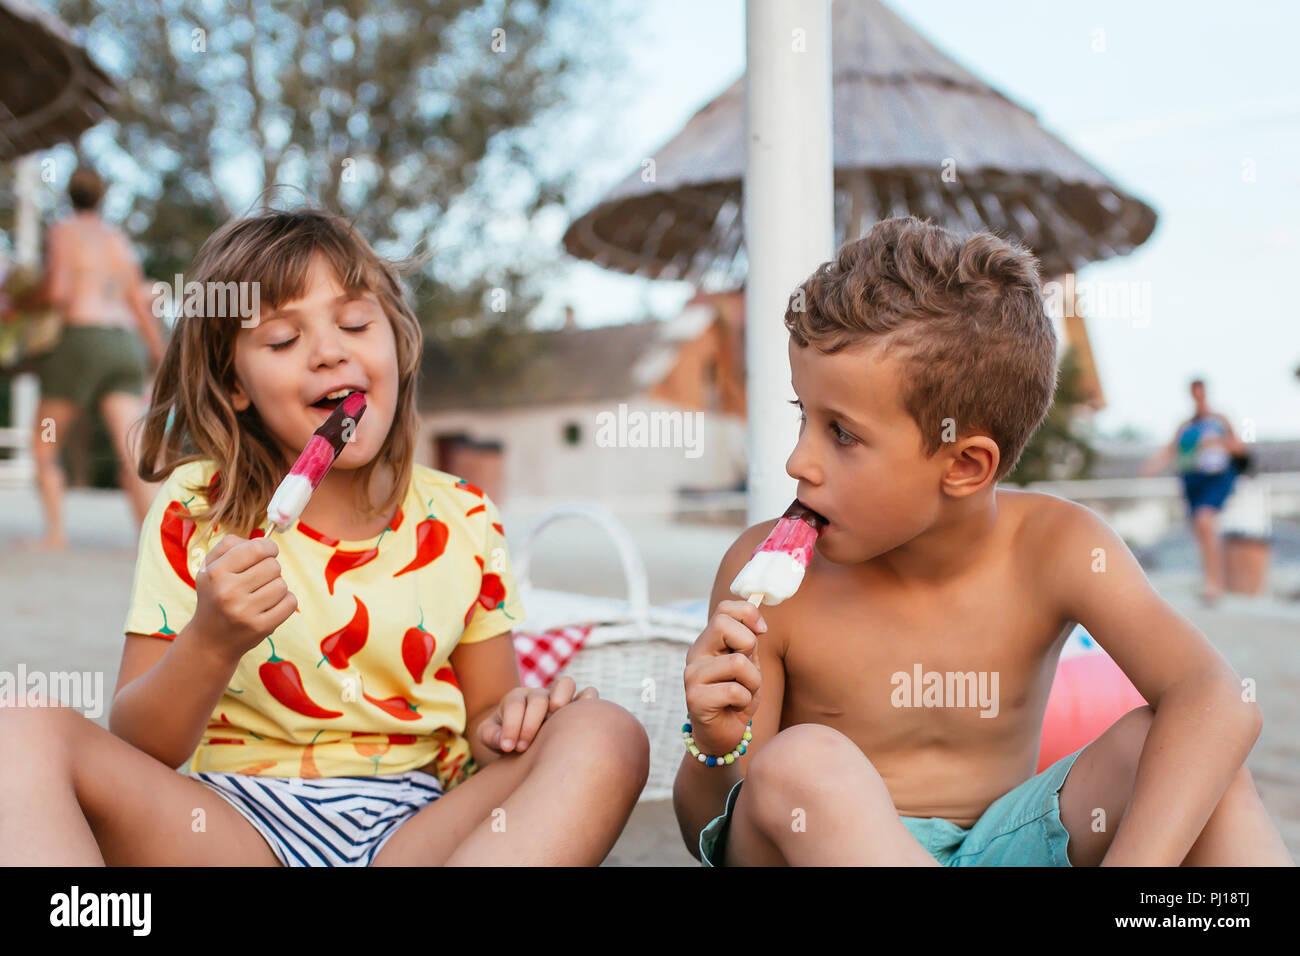 Felices los Niños positivos sentado en la arena de la playa y a comer helado. La gente, los niños, los amigos y la amistad concepto Imagen De Stock